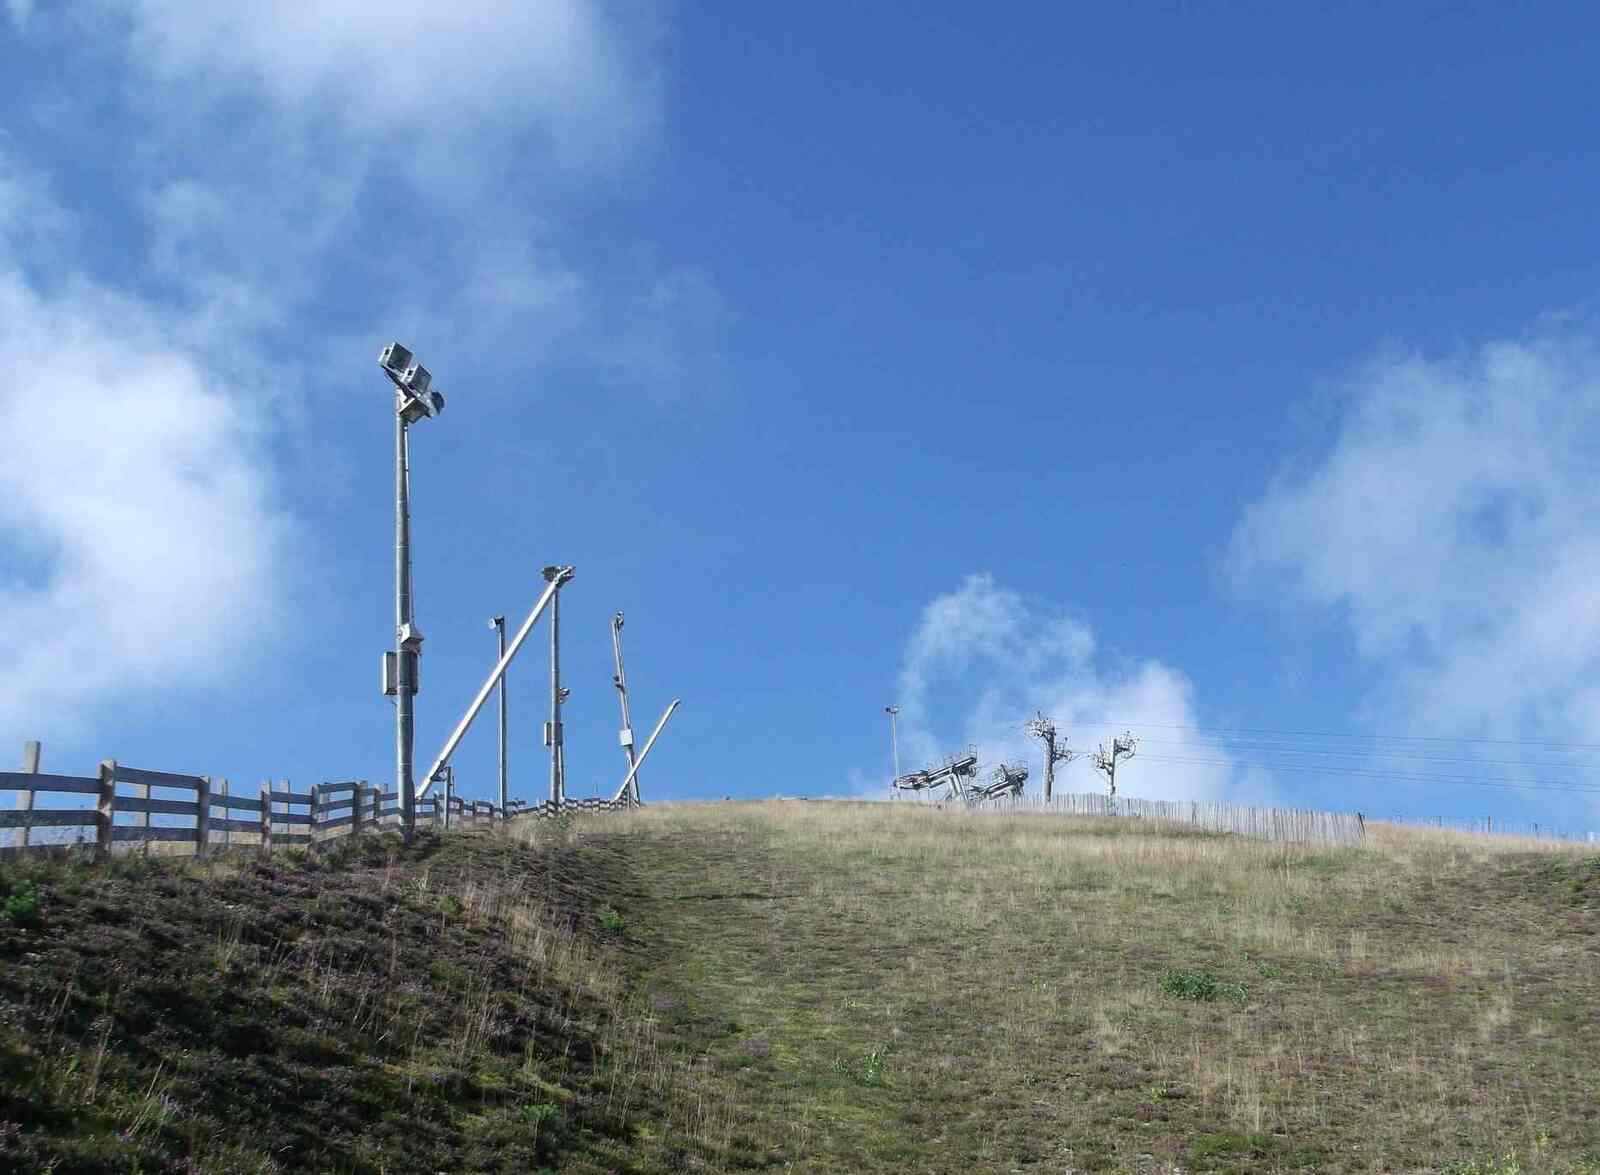 LE MARKSTEIN : LE CIRCUIT DU LAC DE LA LAUCH (R 452) - 13,4 km - D+ 477 m - 3 h 45 mn - 3/6